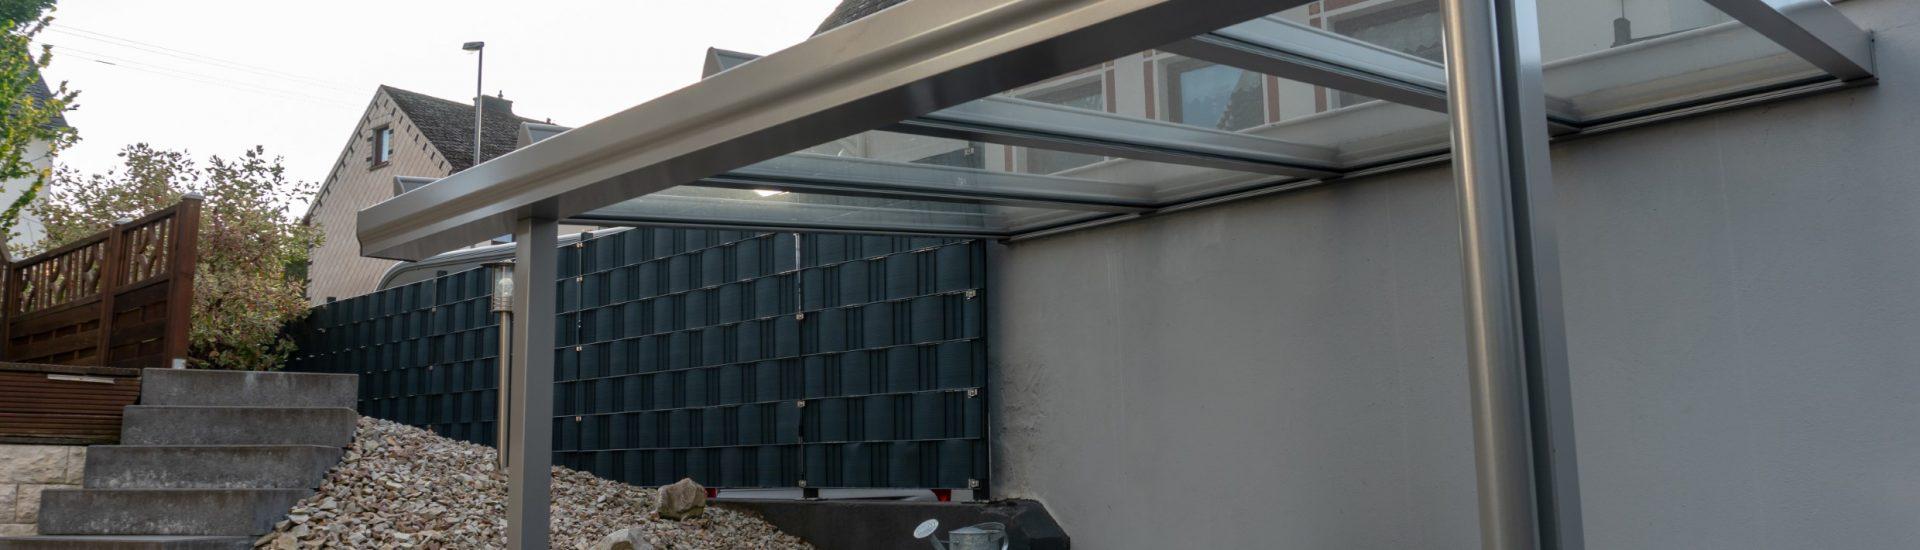 Terrassenüberdachung Aluminium